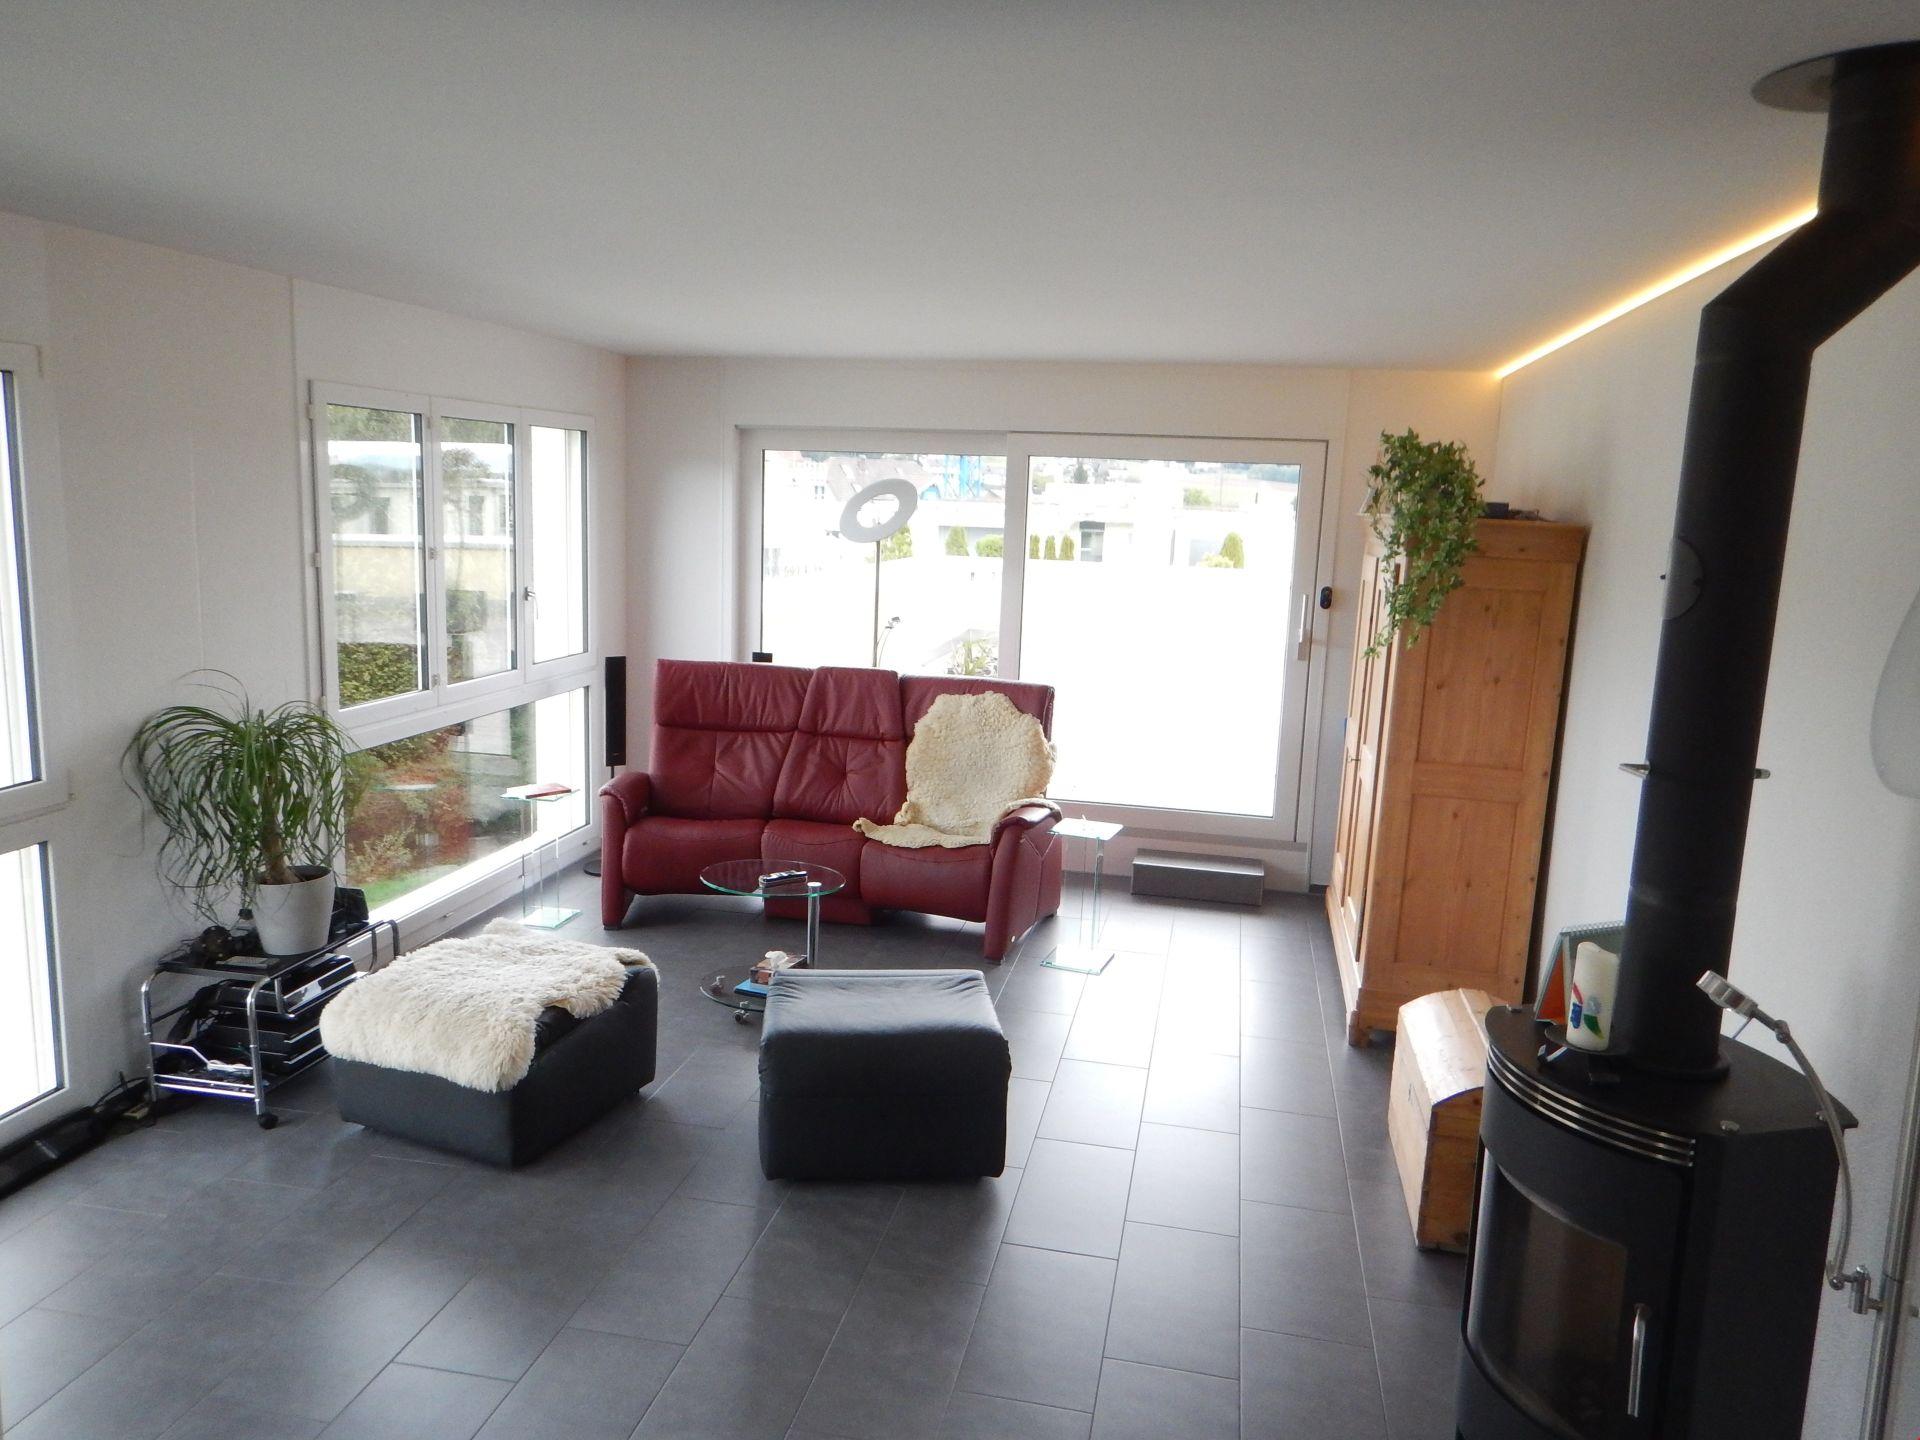 Kauf: Attikawohnung mit jeglichem Komfort und überaus grossen Terrassen